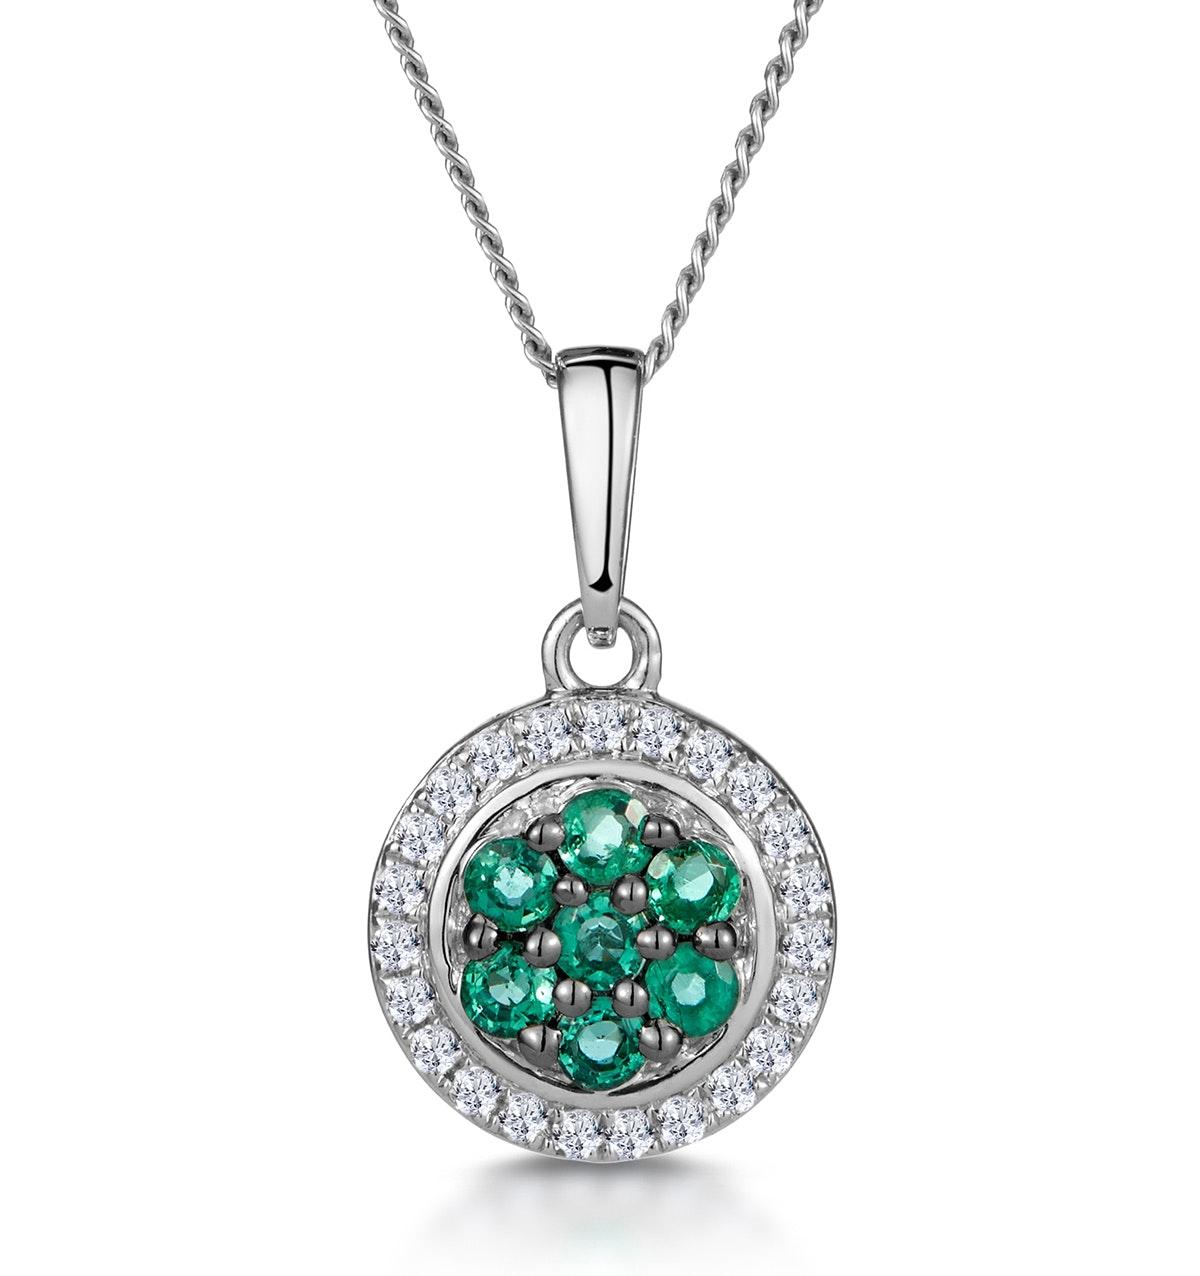 0.16ct Emerald and Diamond Stellato Necklace in 9K White Gold